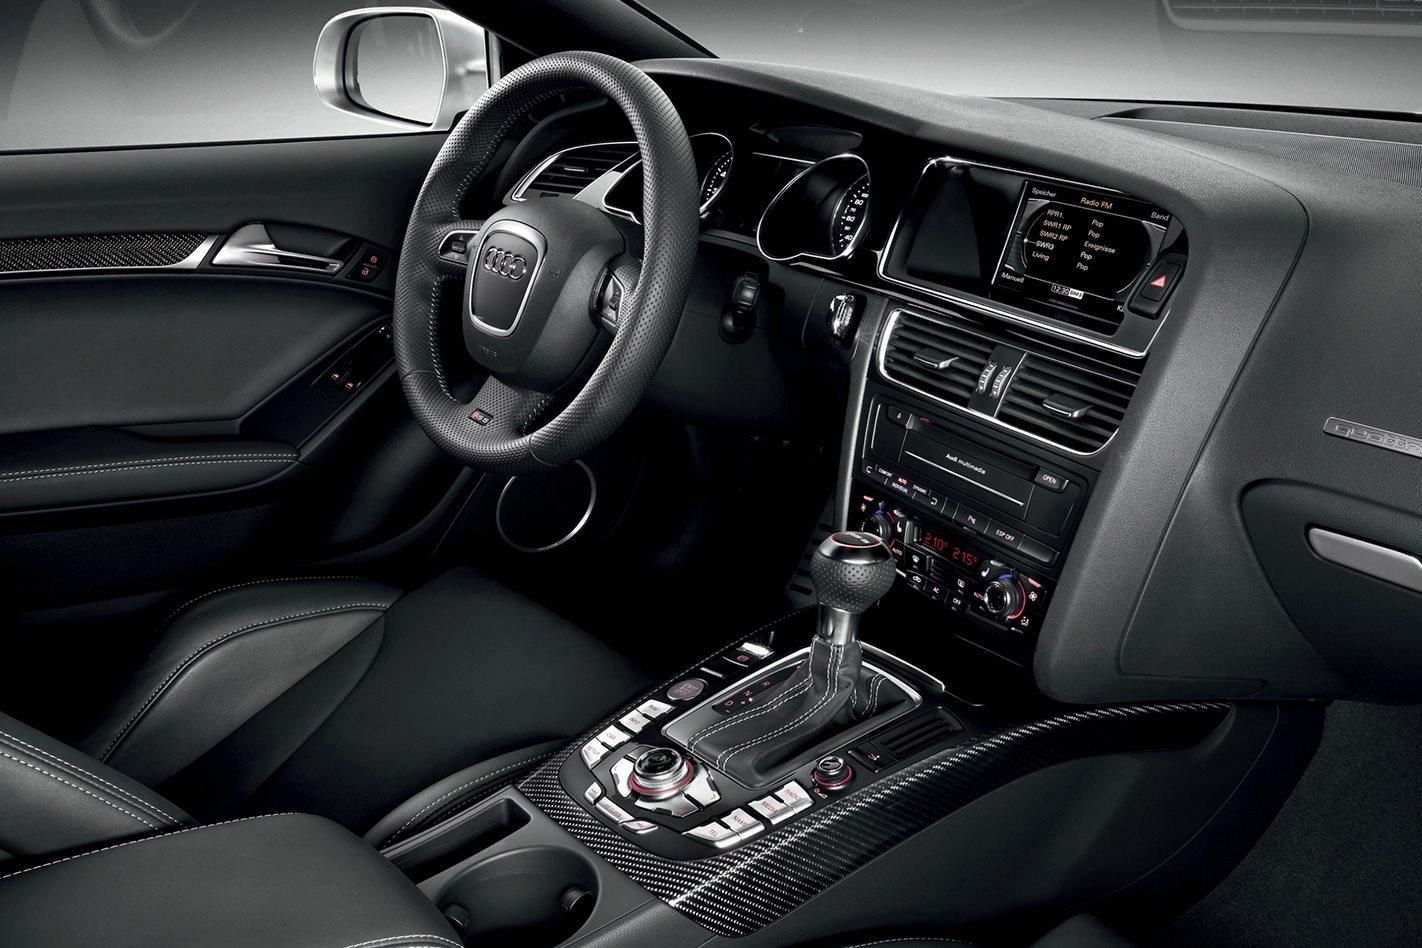 2010 Audi RS5 interior